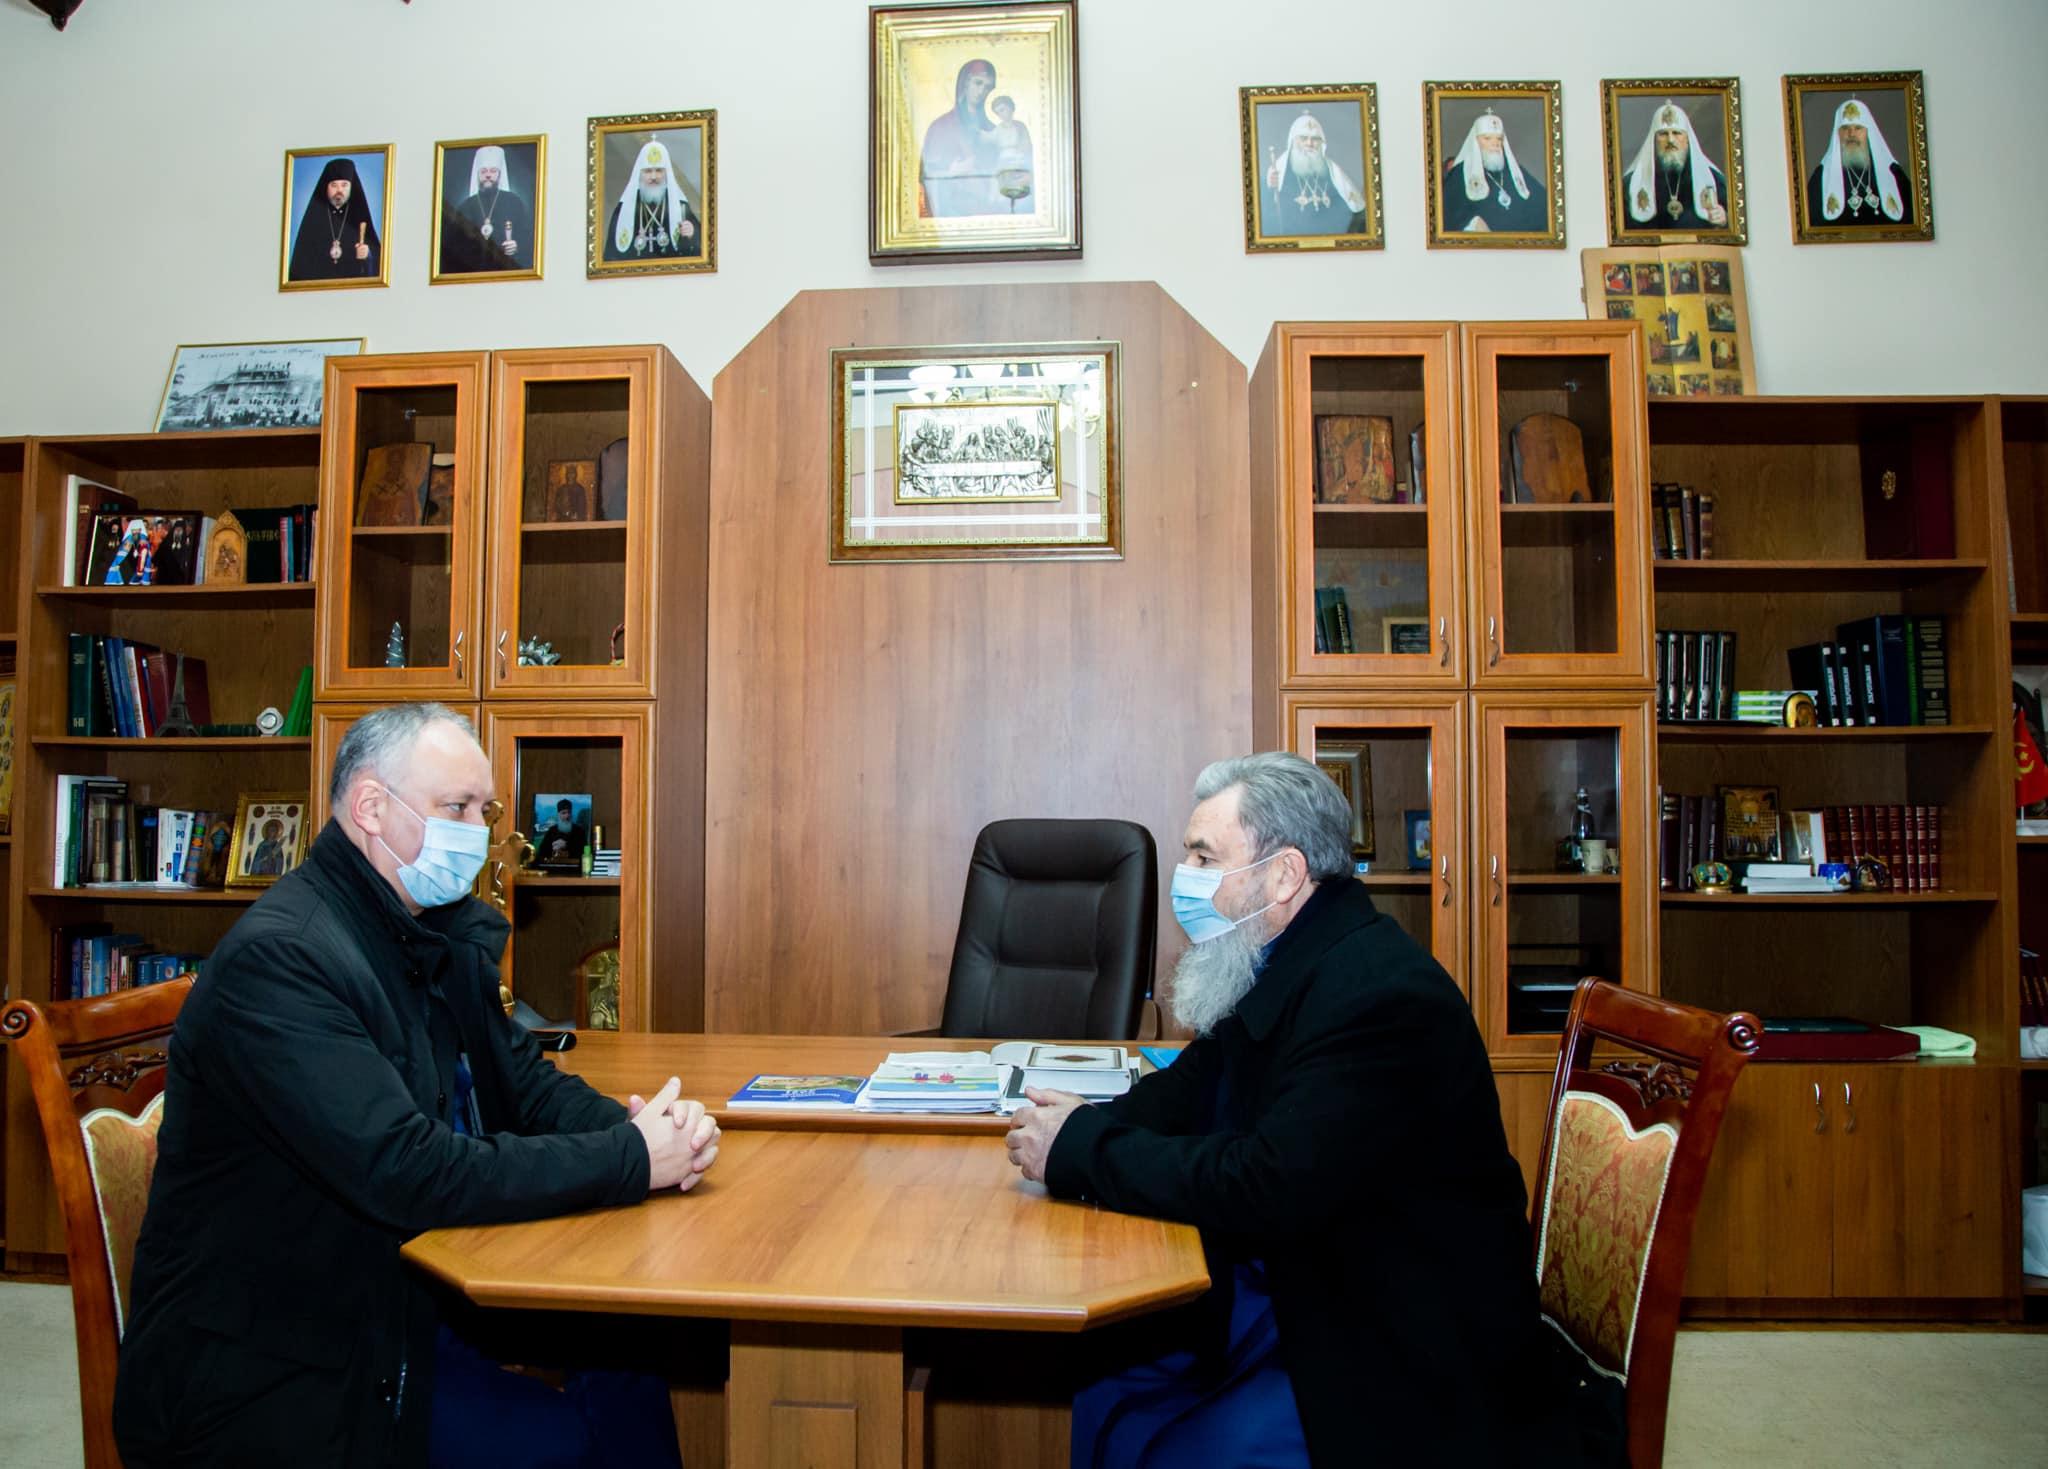 Всегда защищал и буду далее защищать Православную церковь Молдовы! – Додон (ФОТО, ВИДЕО)